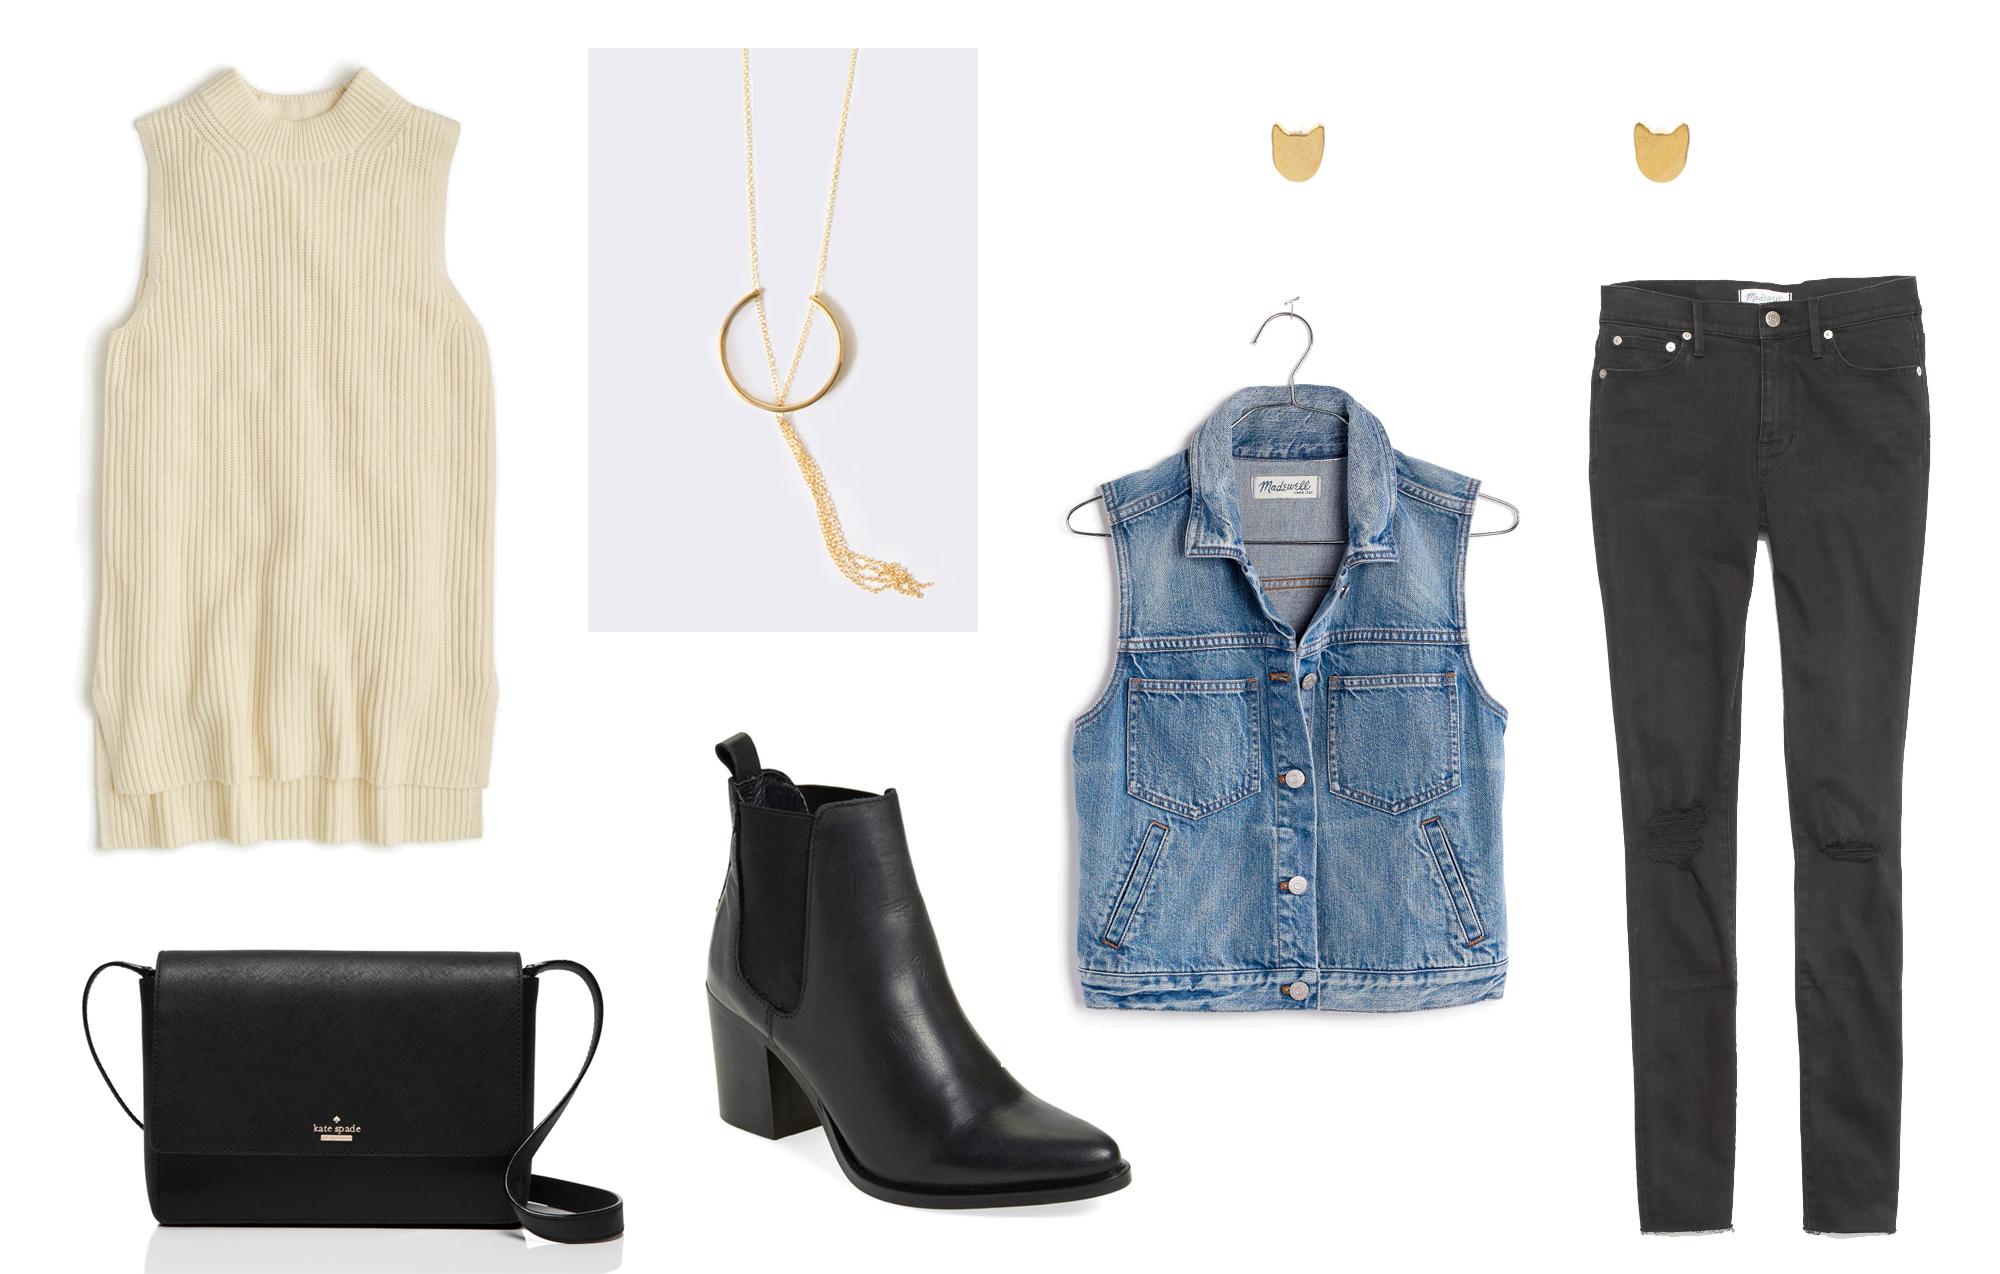 Pre-fall favorites: sweater vest, pendant necklace, black ankle boots, black denim — Cotton Cashmere Cat Hair